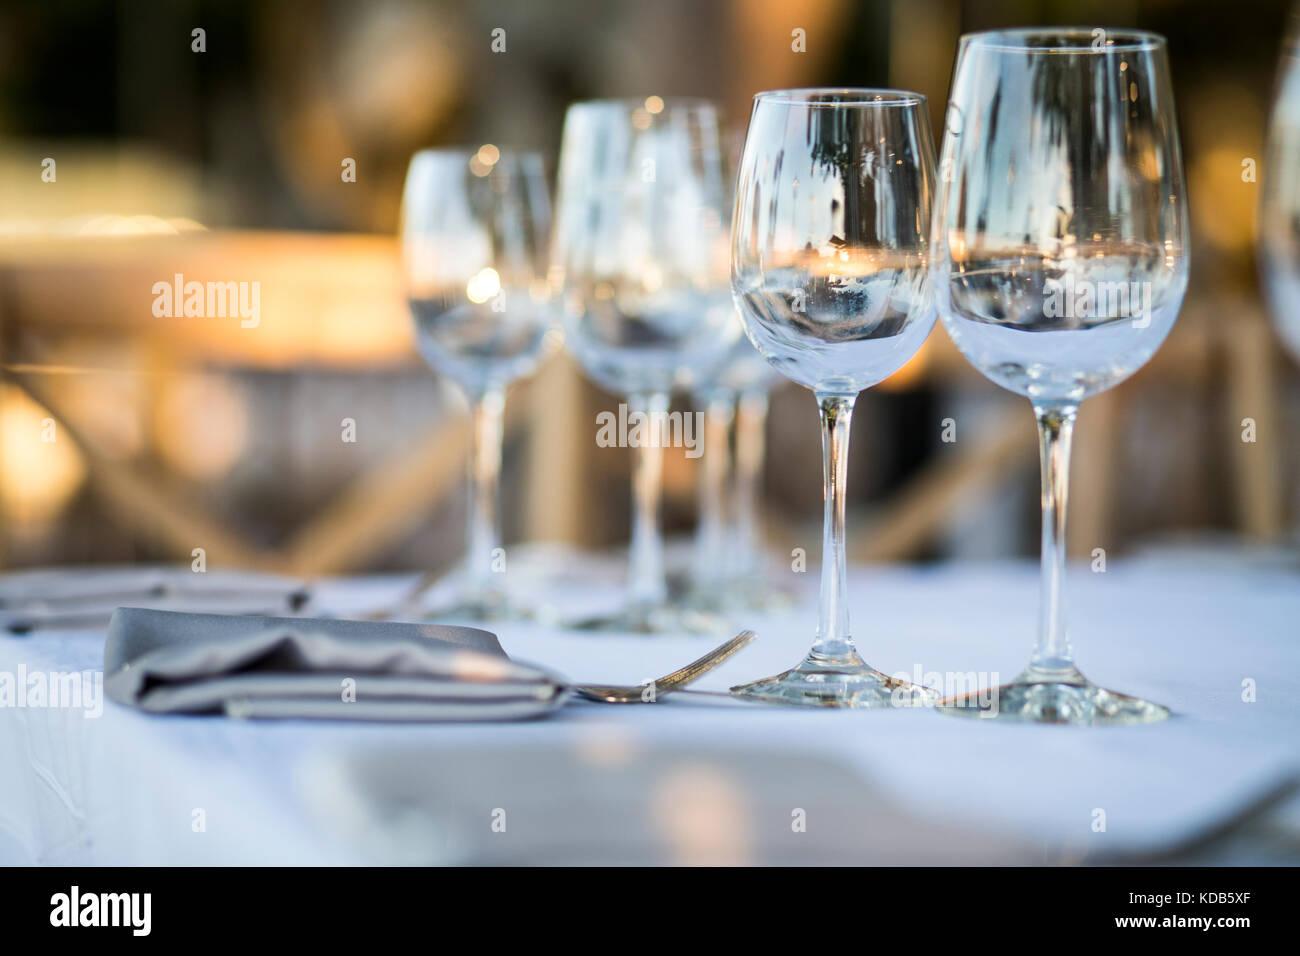 Luxus Tabelle Einstellungen für feine und Glaswaren, schöner Hintergrund verschwommen. Vorbereitung für Stockbild